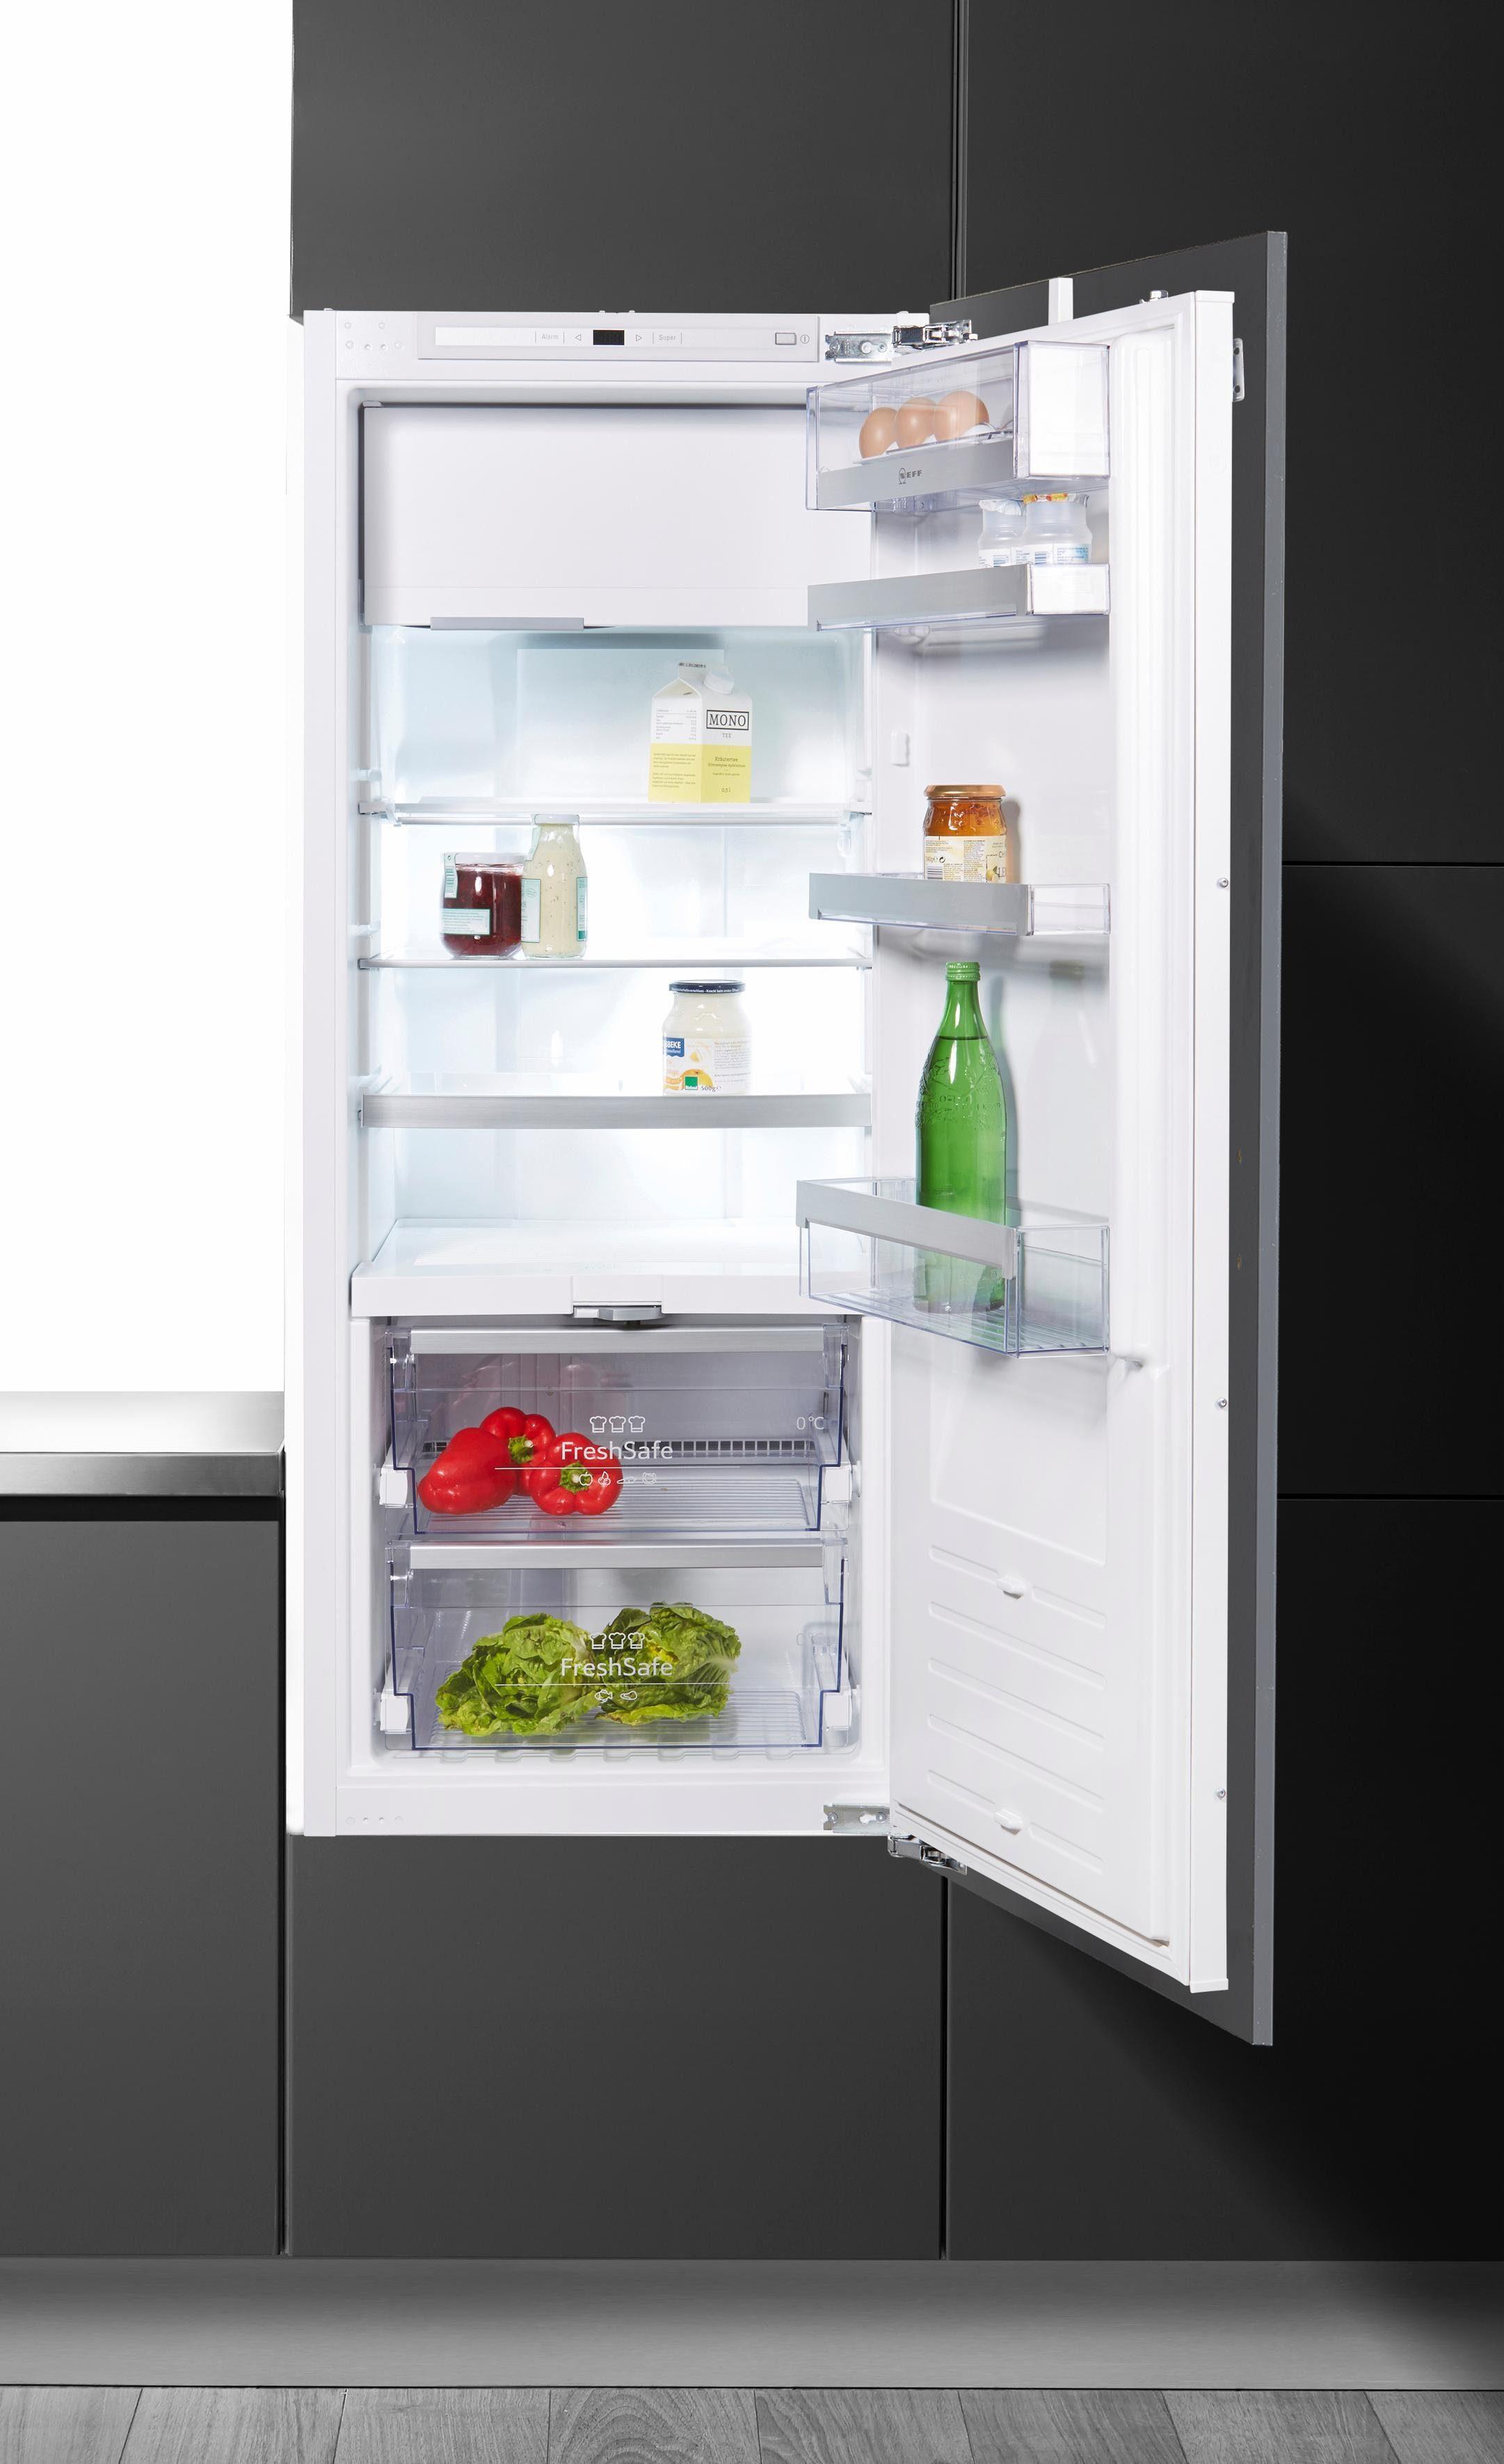 Neff Integrierbarer Einbaukühlschrank KN546A2 / KI8523D30